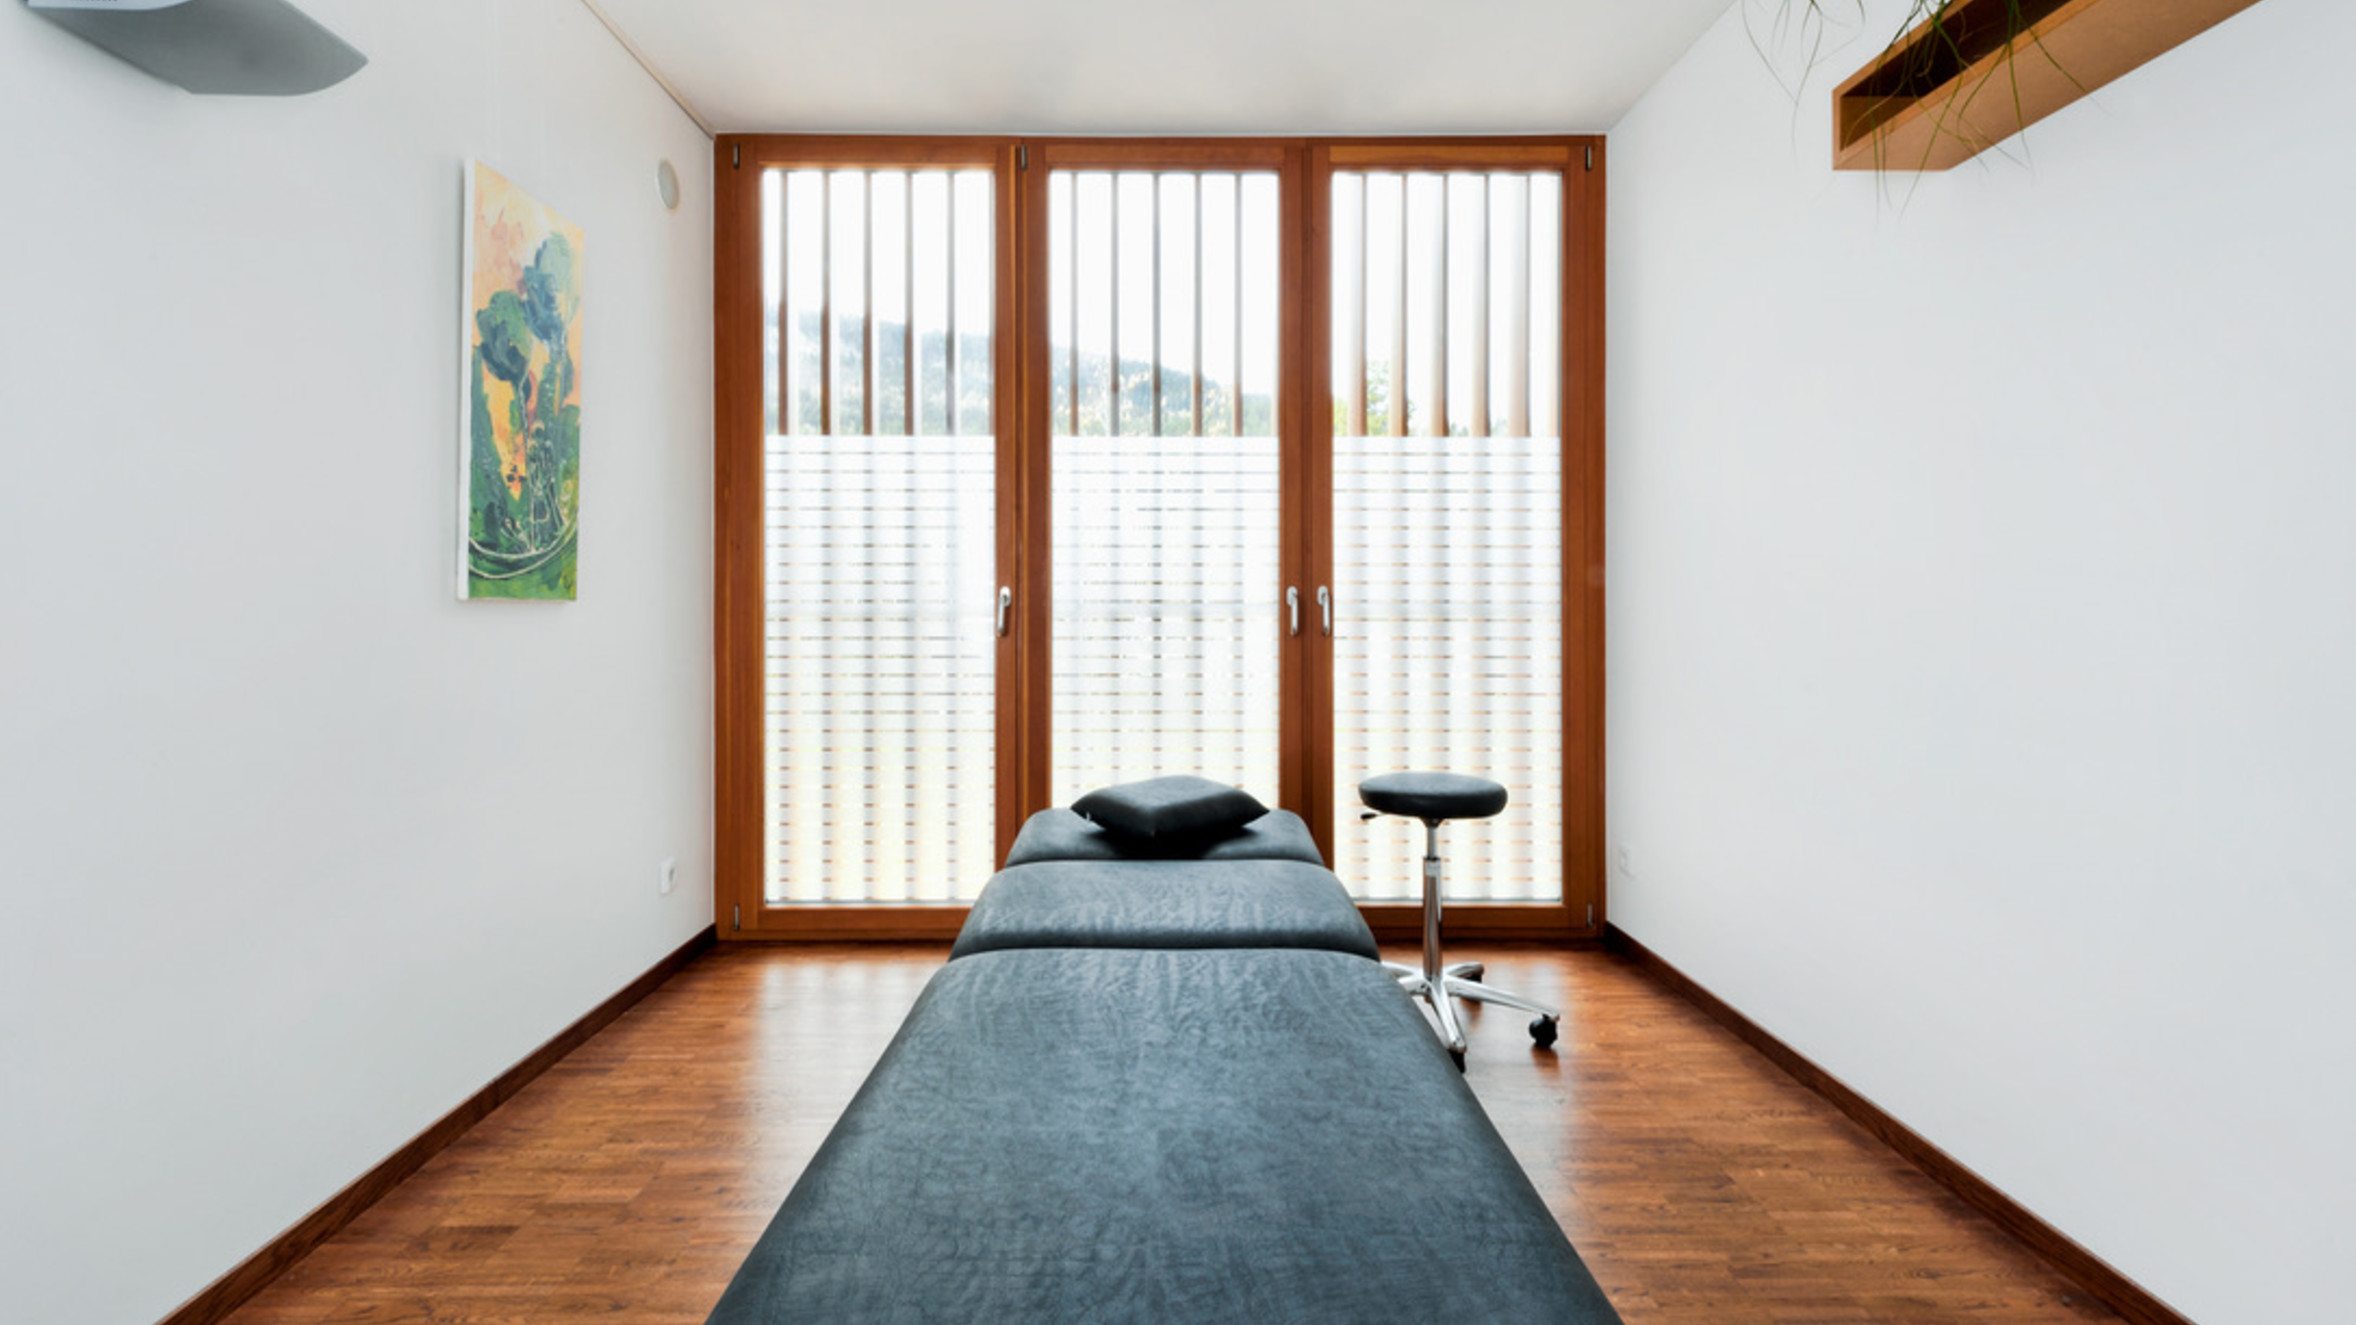 physiotherapie-lercher-schaefer, feldkirch